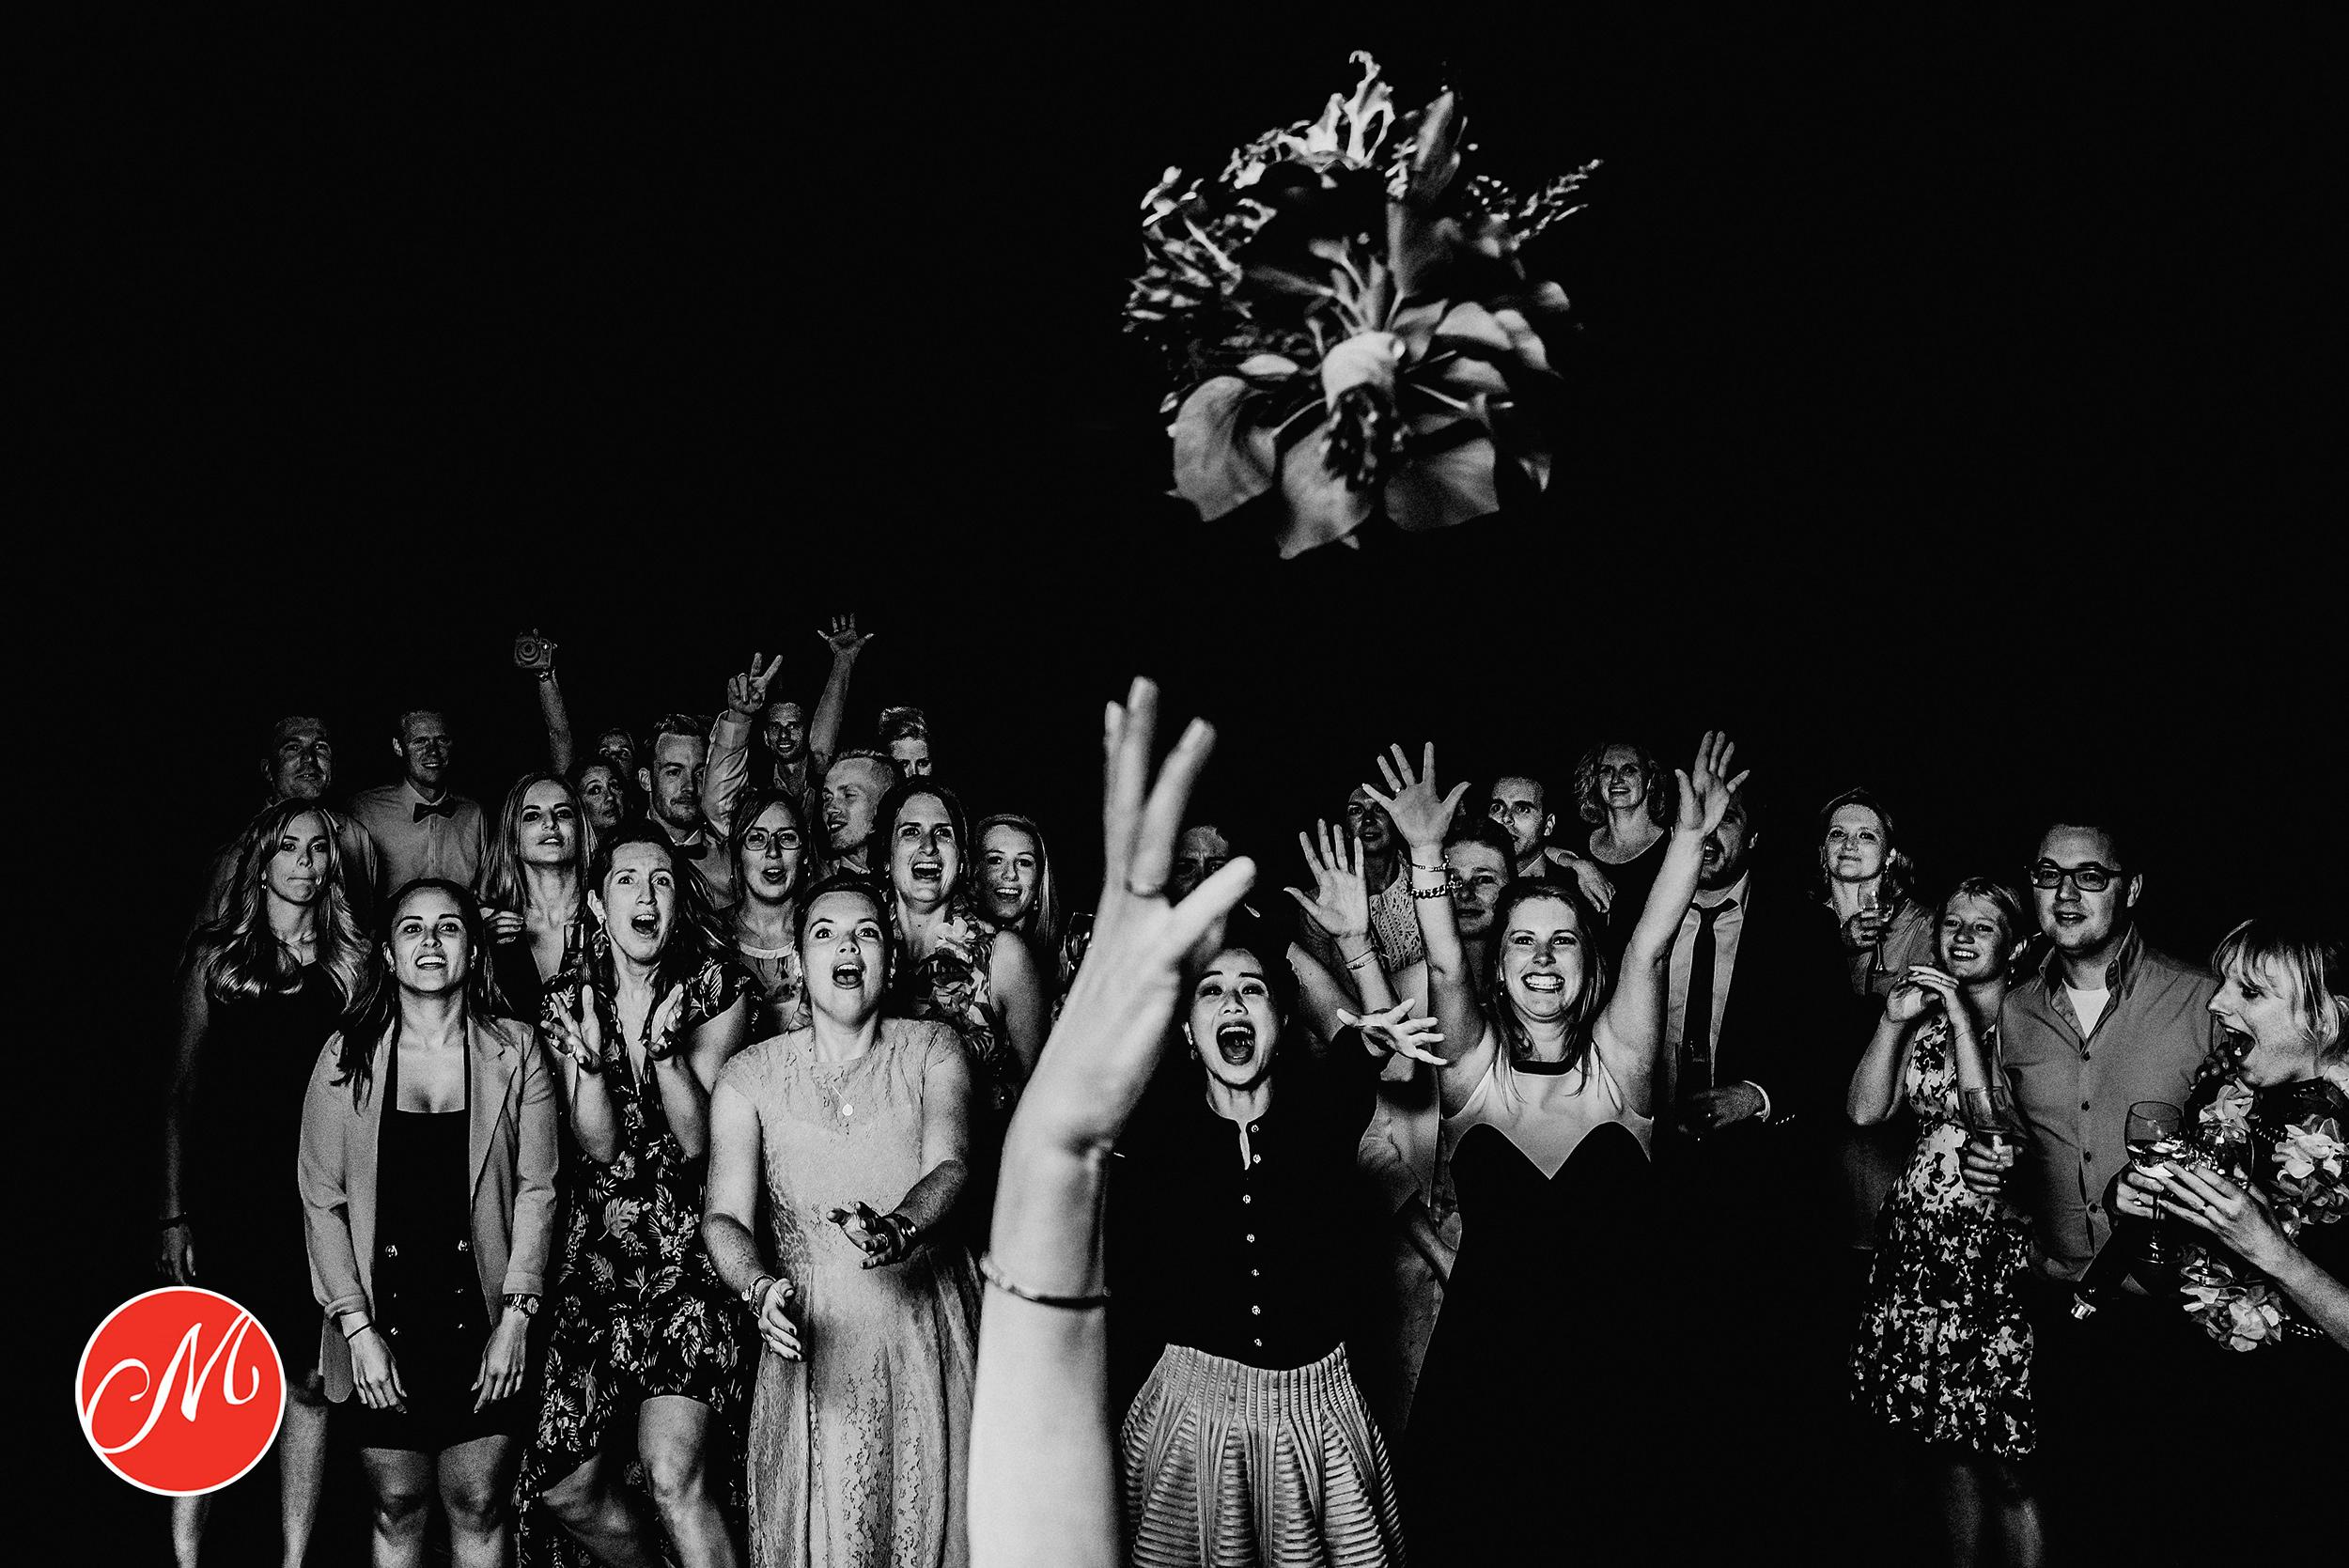 bruidsfotograaf Tjeerd Paul Jacobs wint masters award met foto gooien bruidsboeket